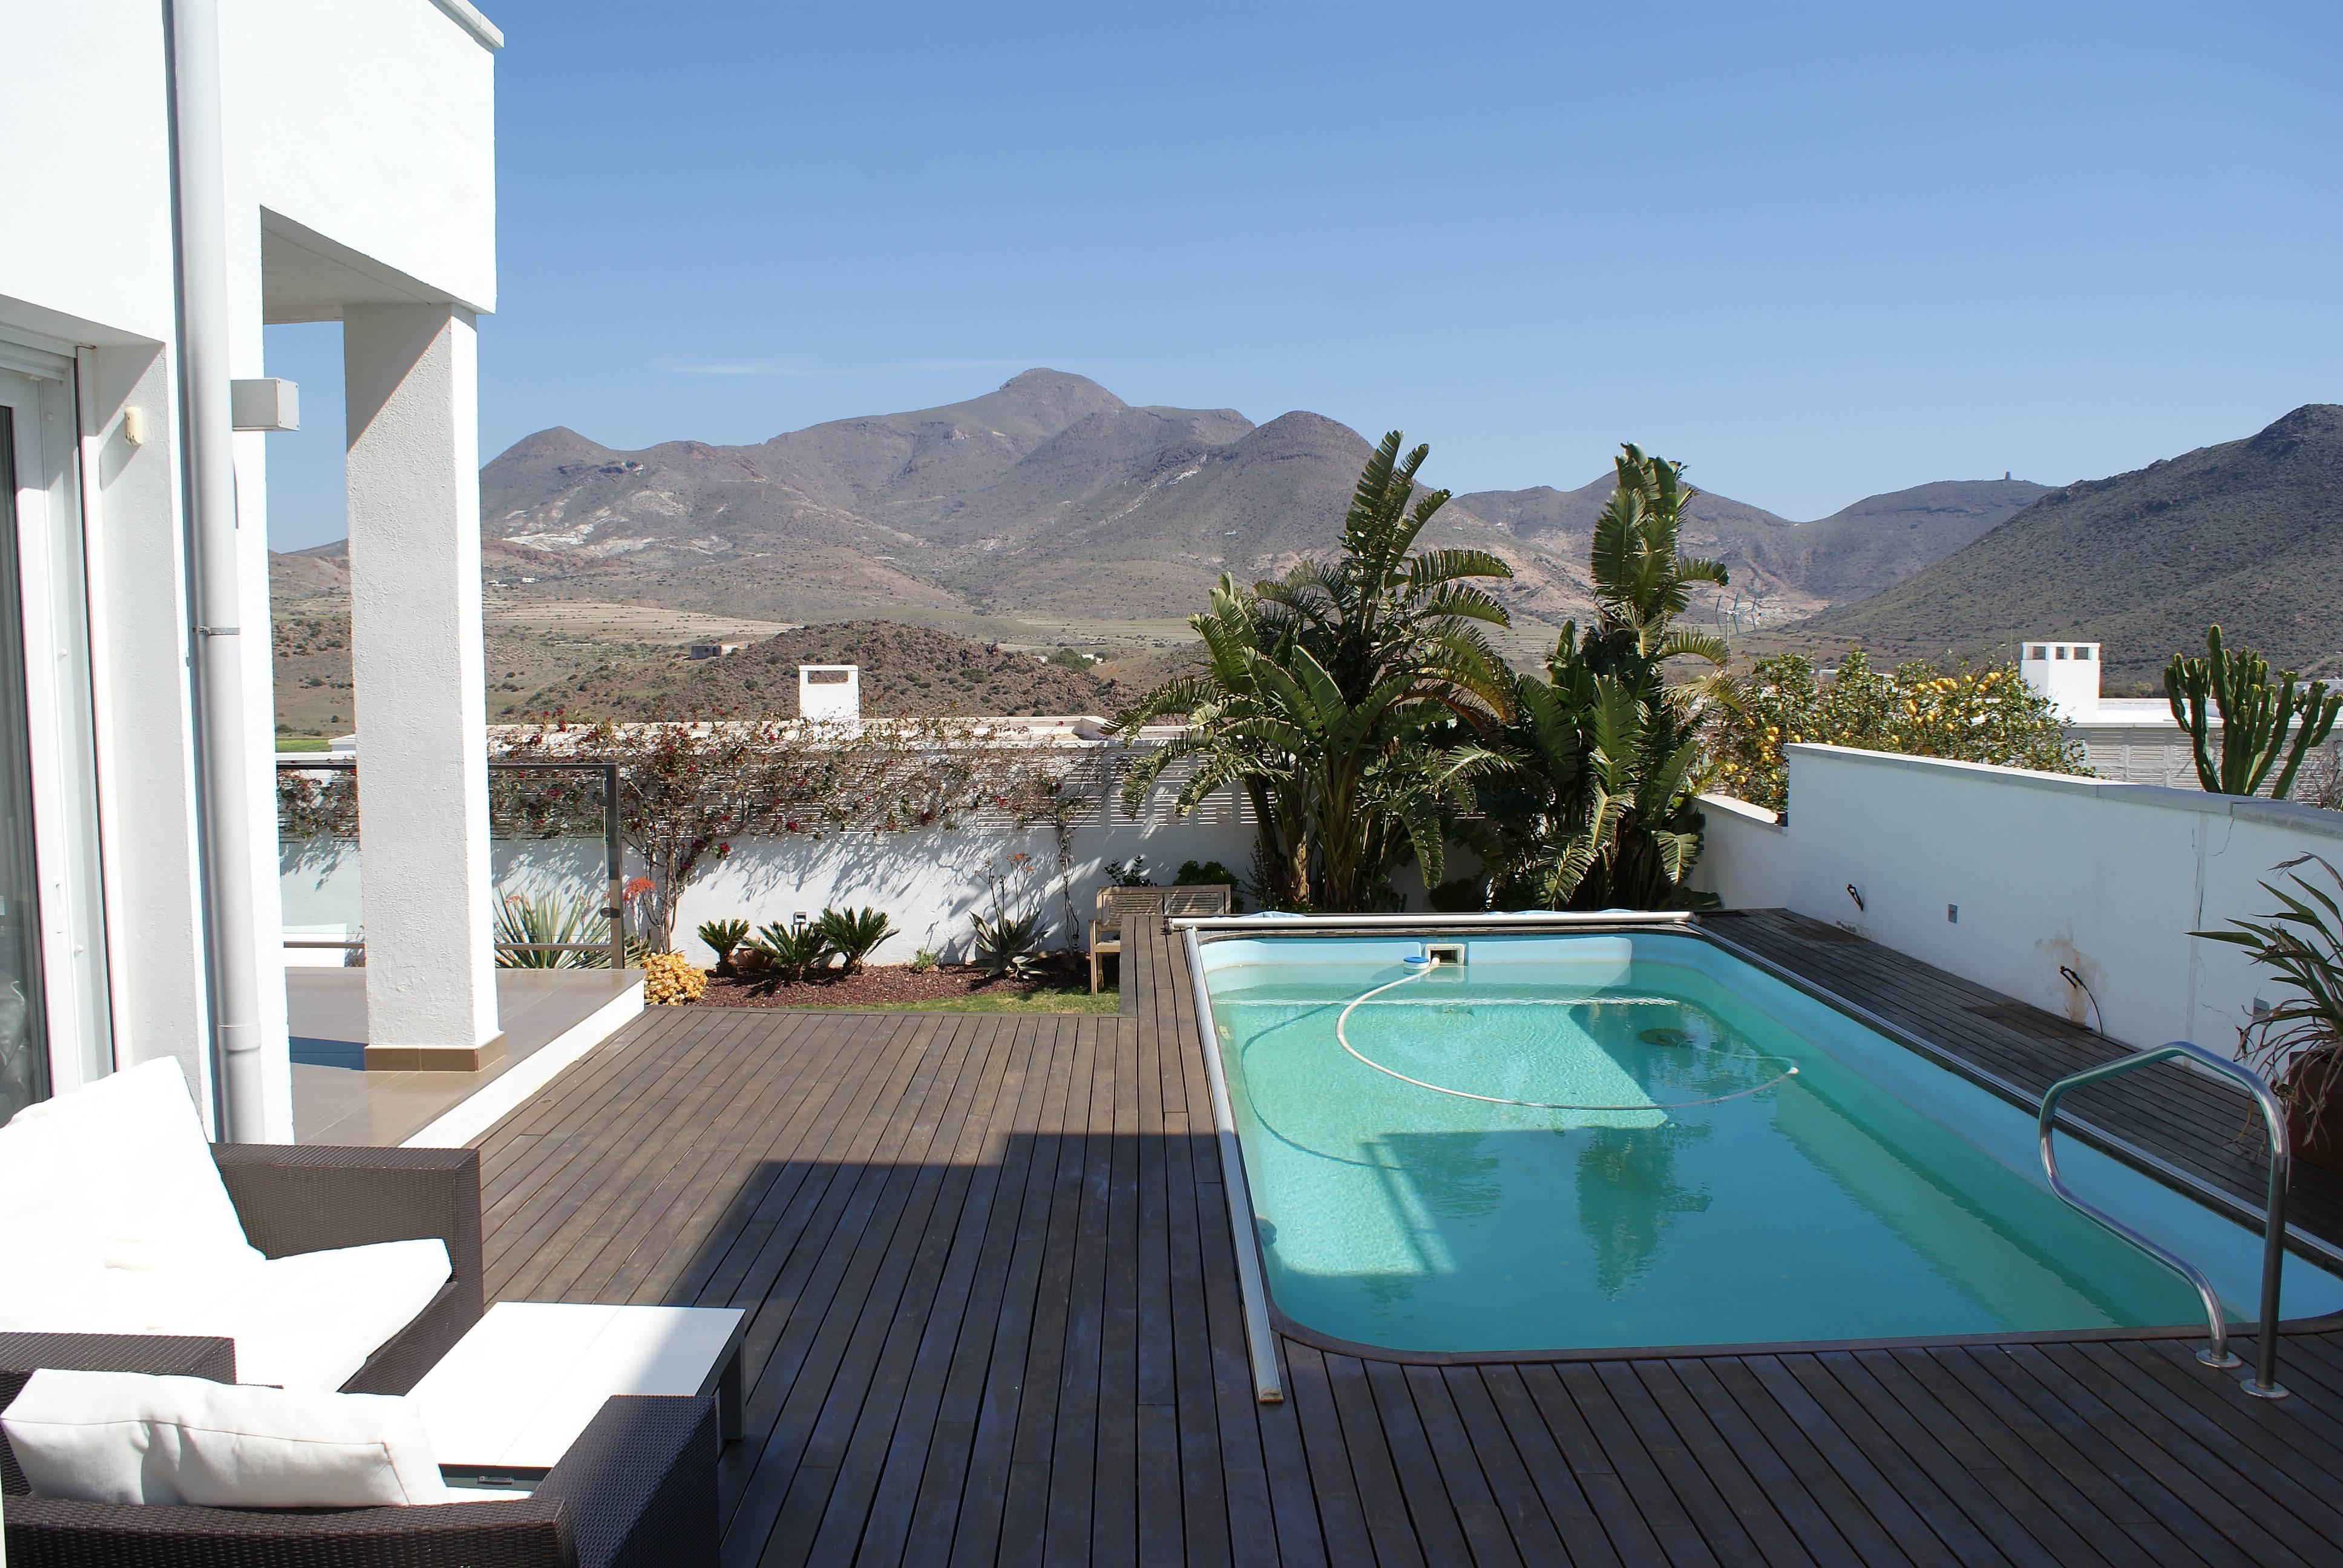 Villas en cabo de gata - Casas en san jose almeria ...